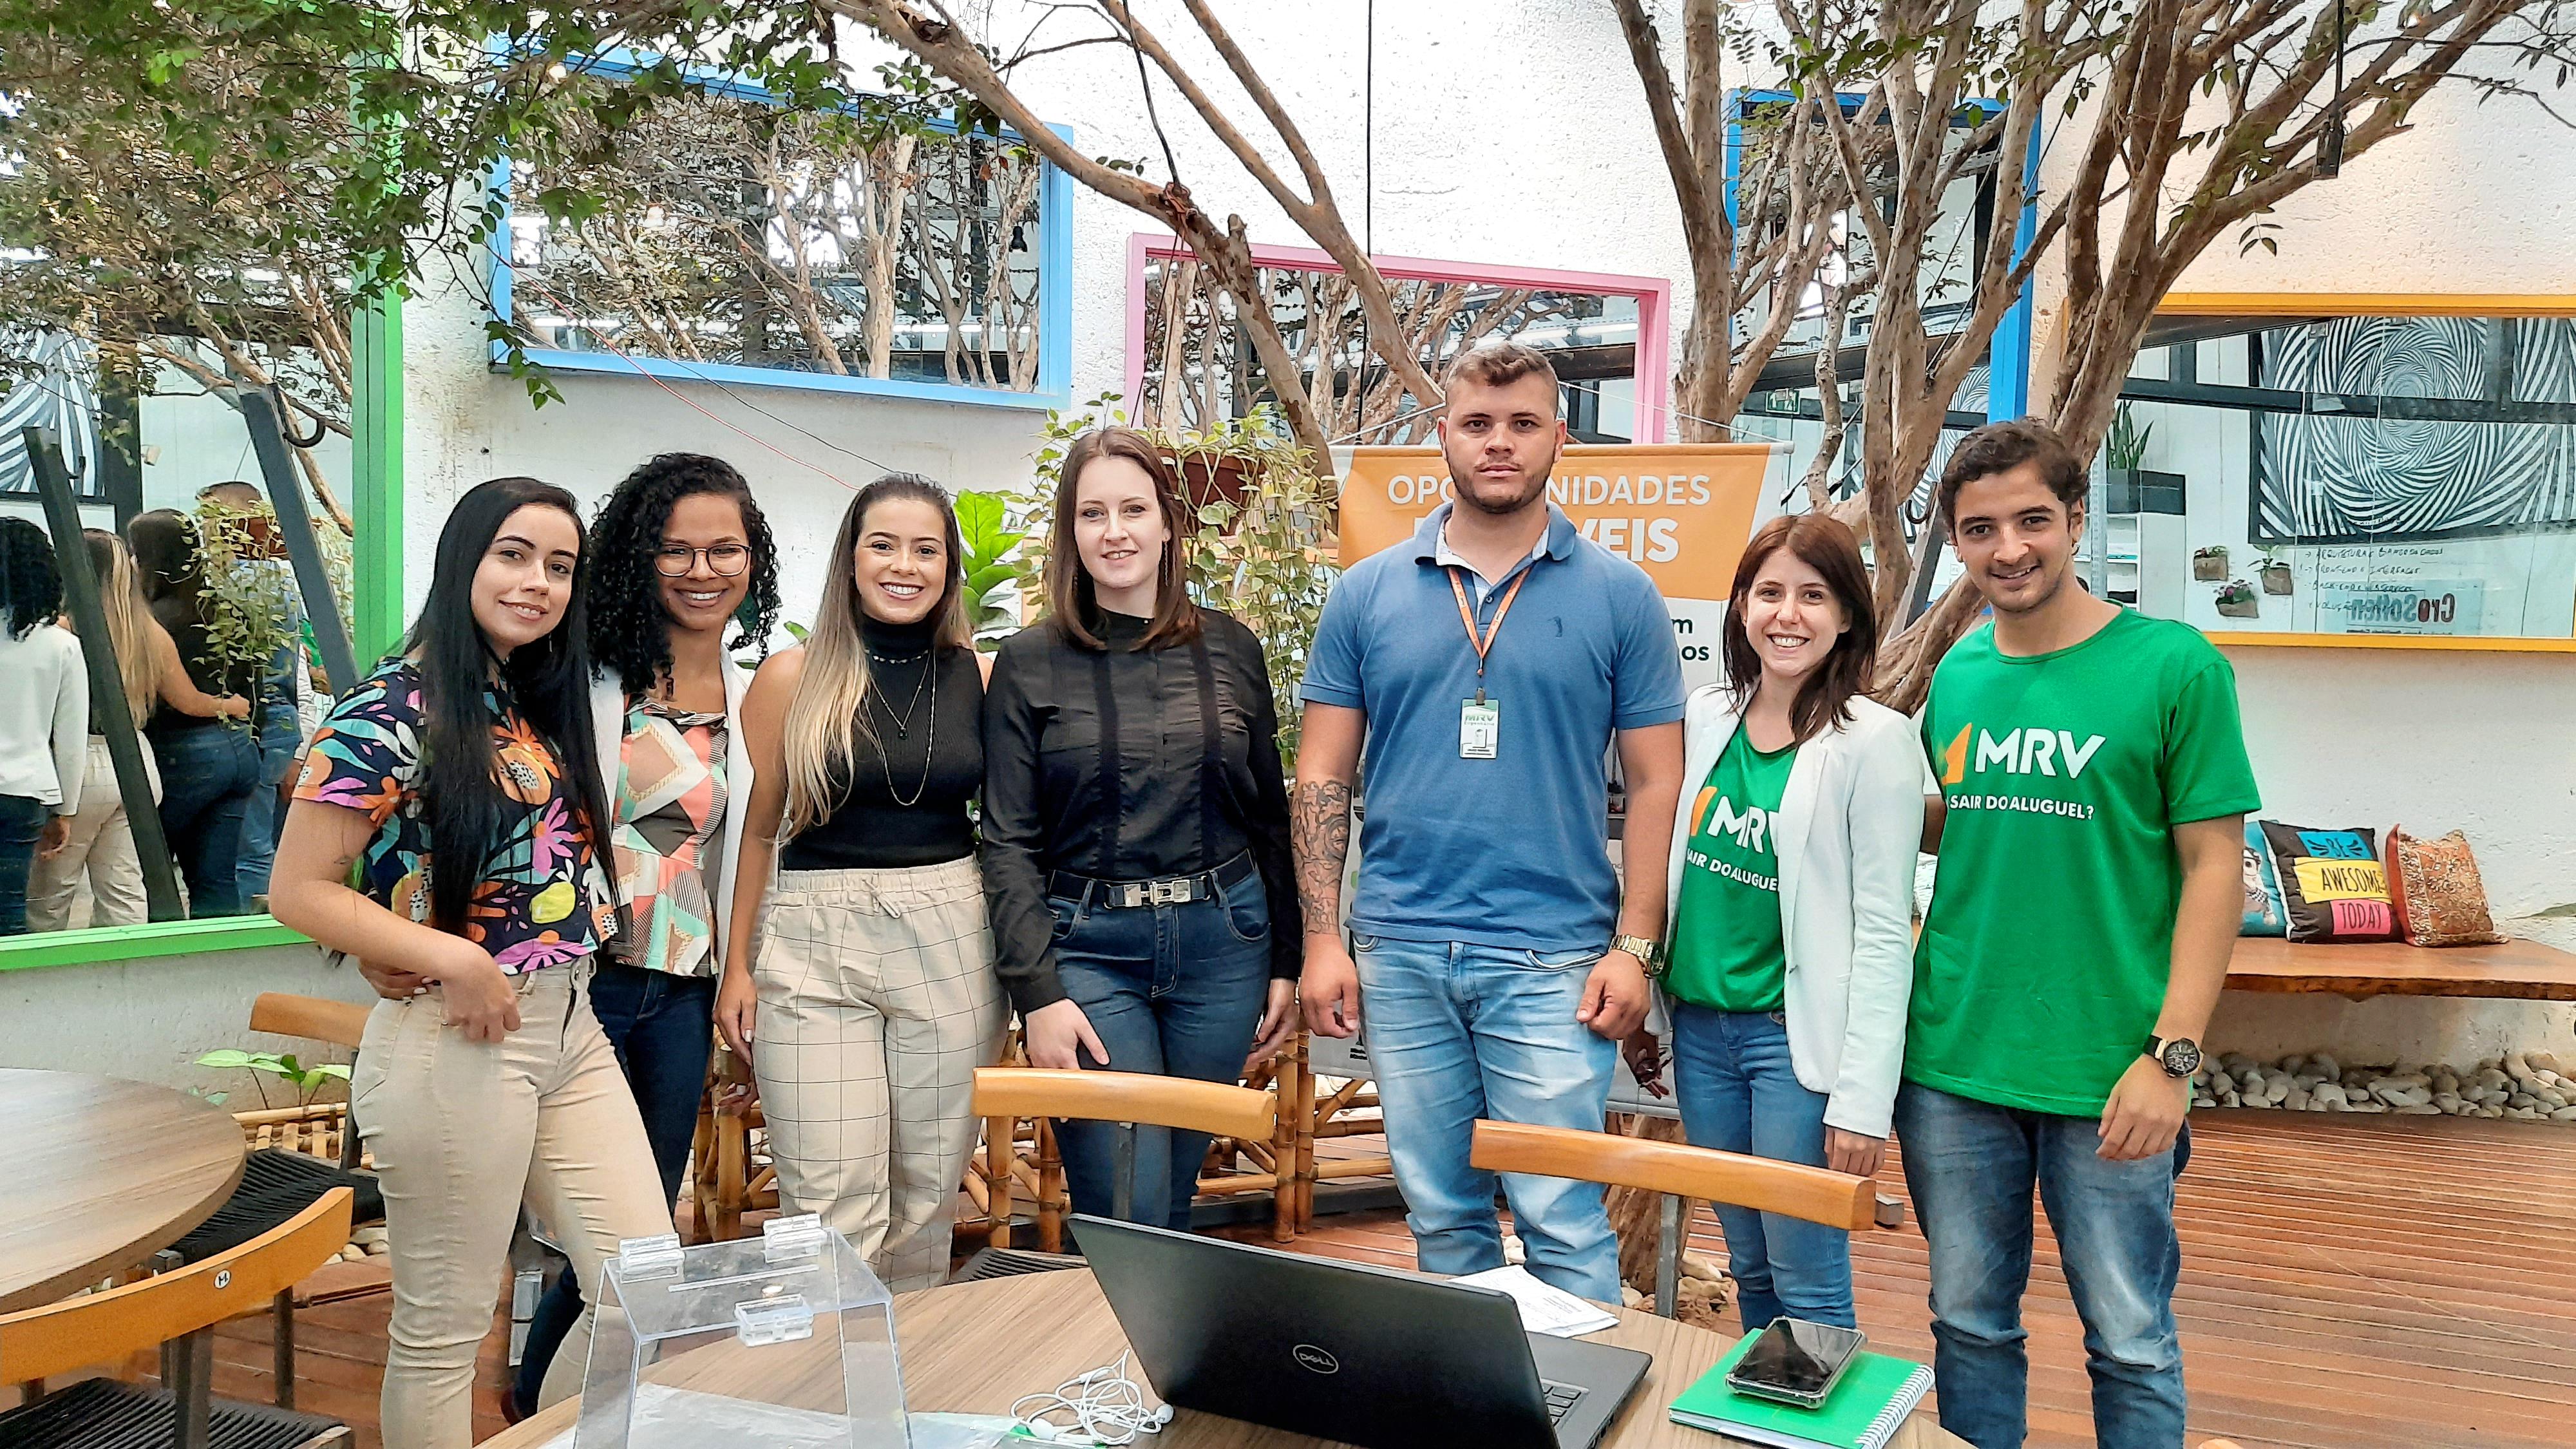 Equipes MRV e CroSoften em ação de marketing interno na sede da CroSoften em Uberlândia.